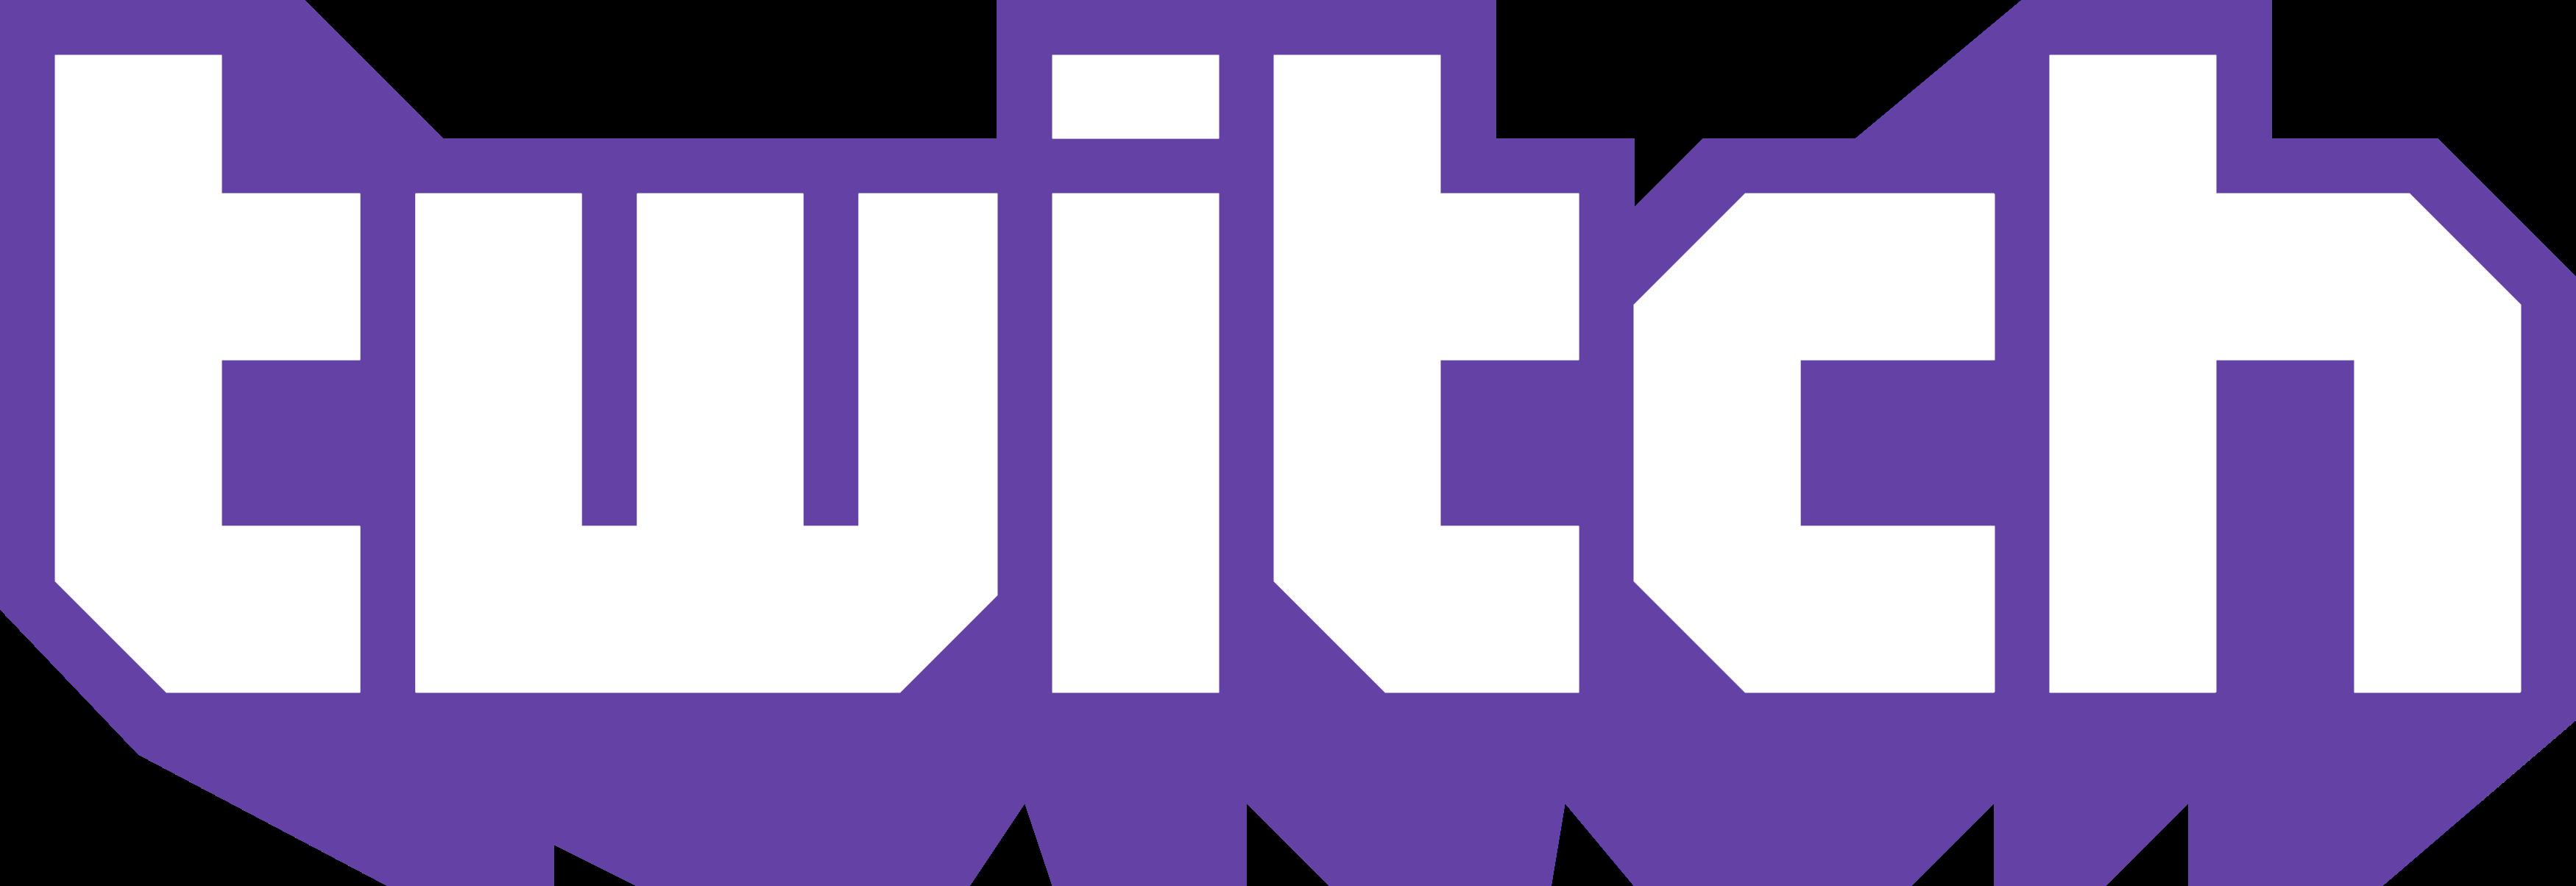 twitch logo 0 - Twitch Logo